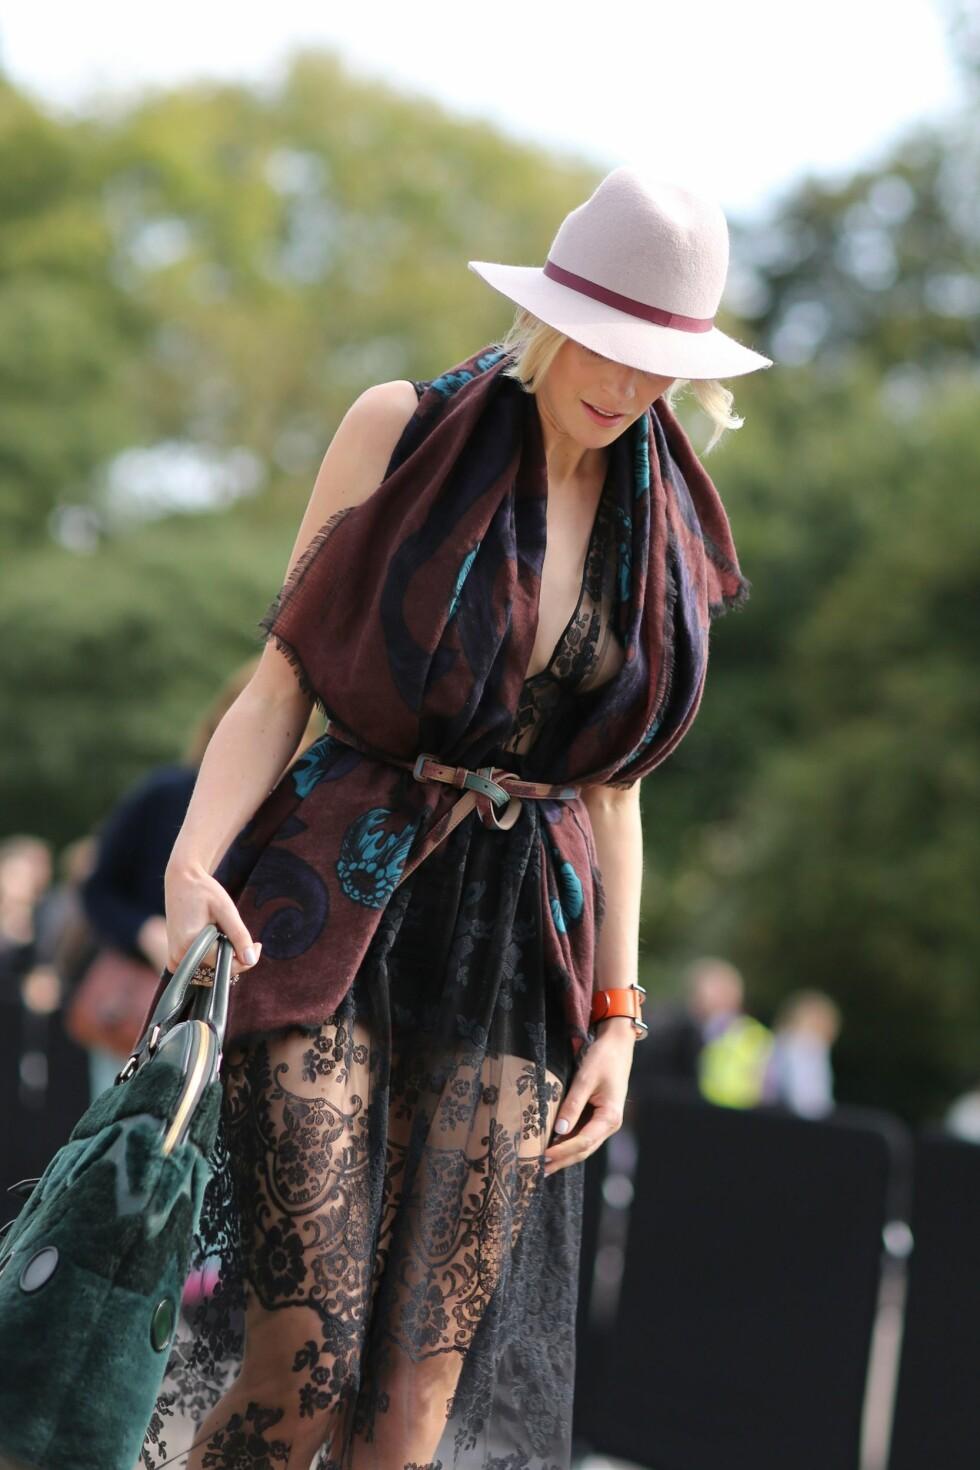 Surr skjerfet rundt blondekjolen og knyt inn livet med et belte. Foto: All Over